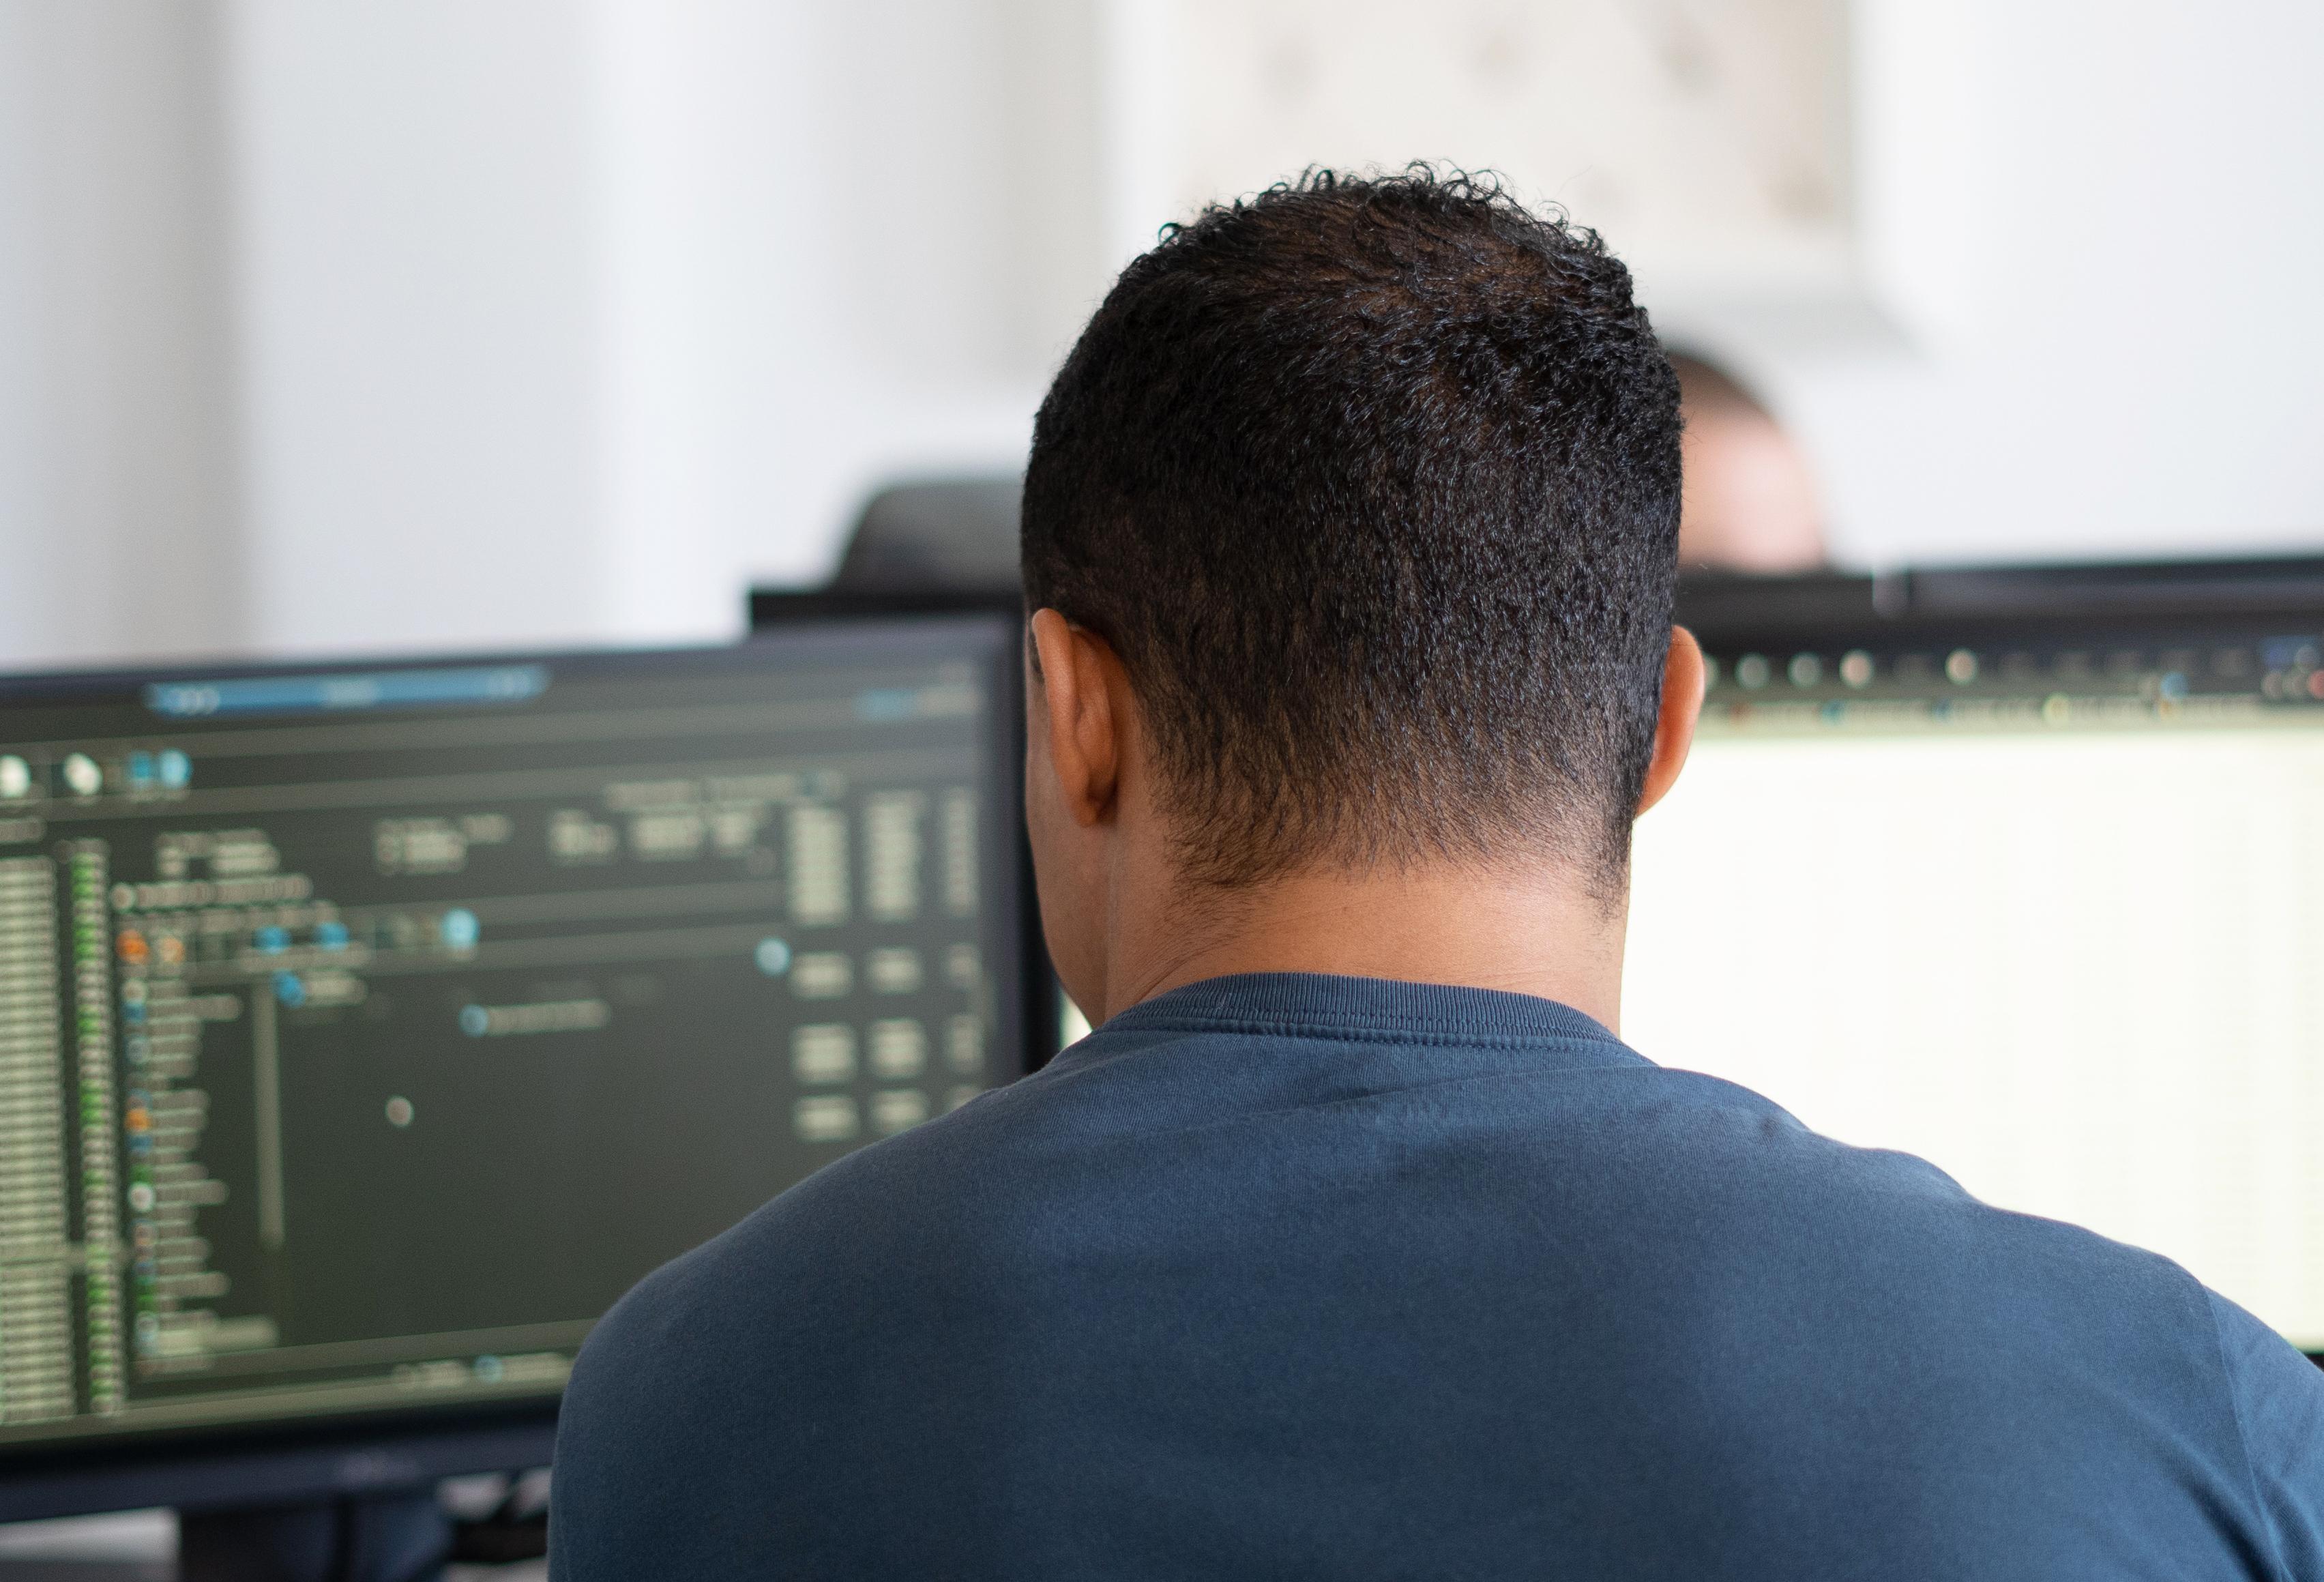 Entwickler von hinten bei der Arbeit am PC